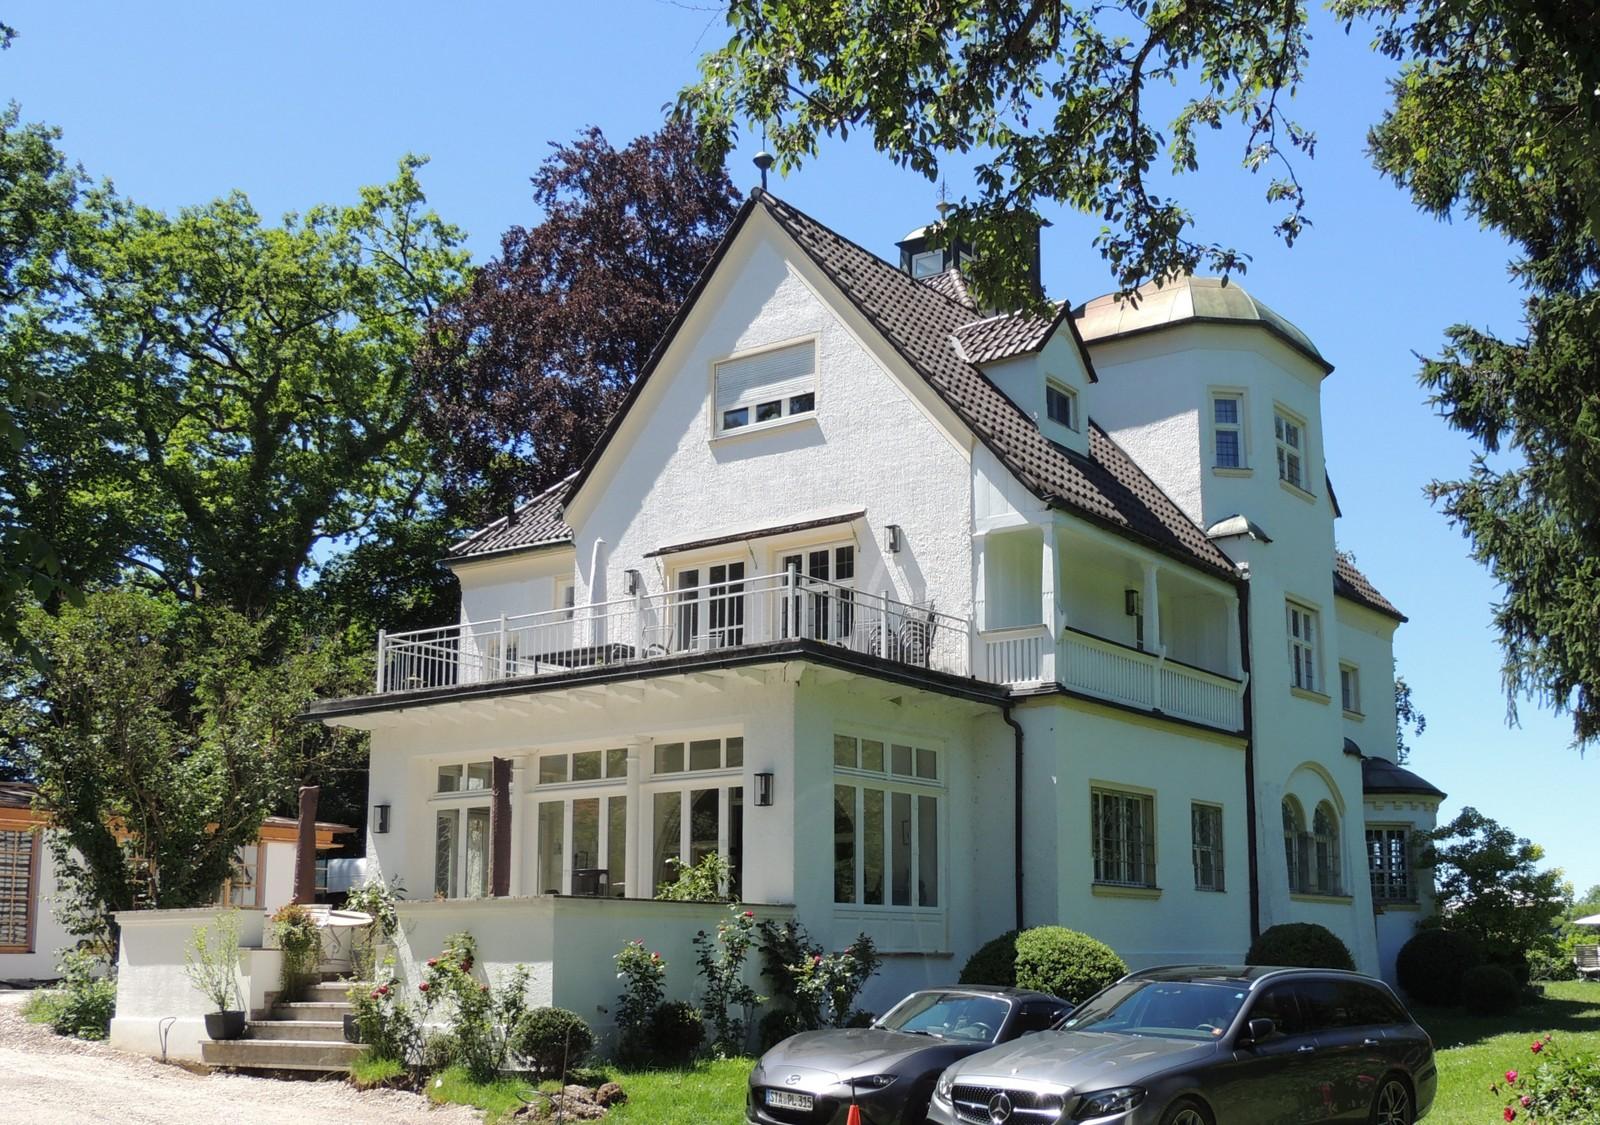 Fünf-Seen-Land - Weßling - Villa Alzheimer